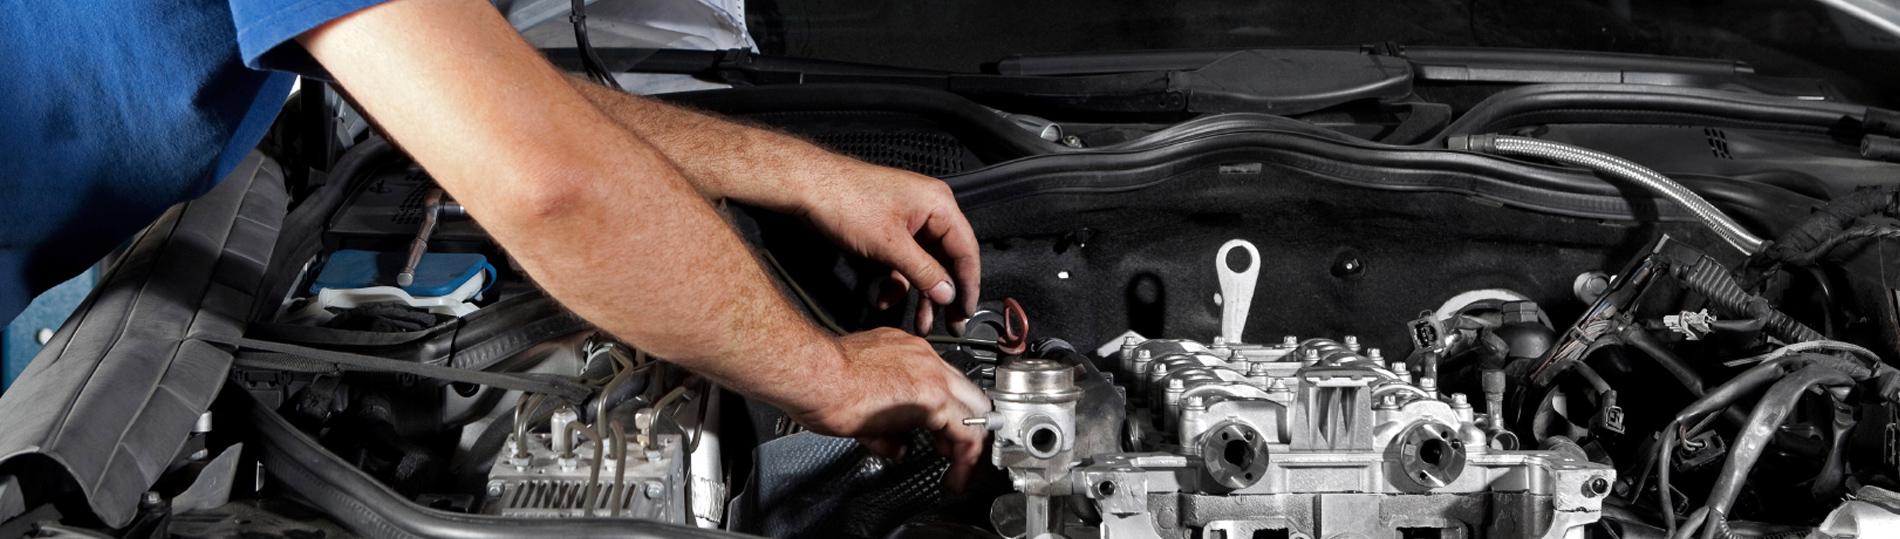 Vzdrževanje motornih vozil